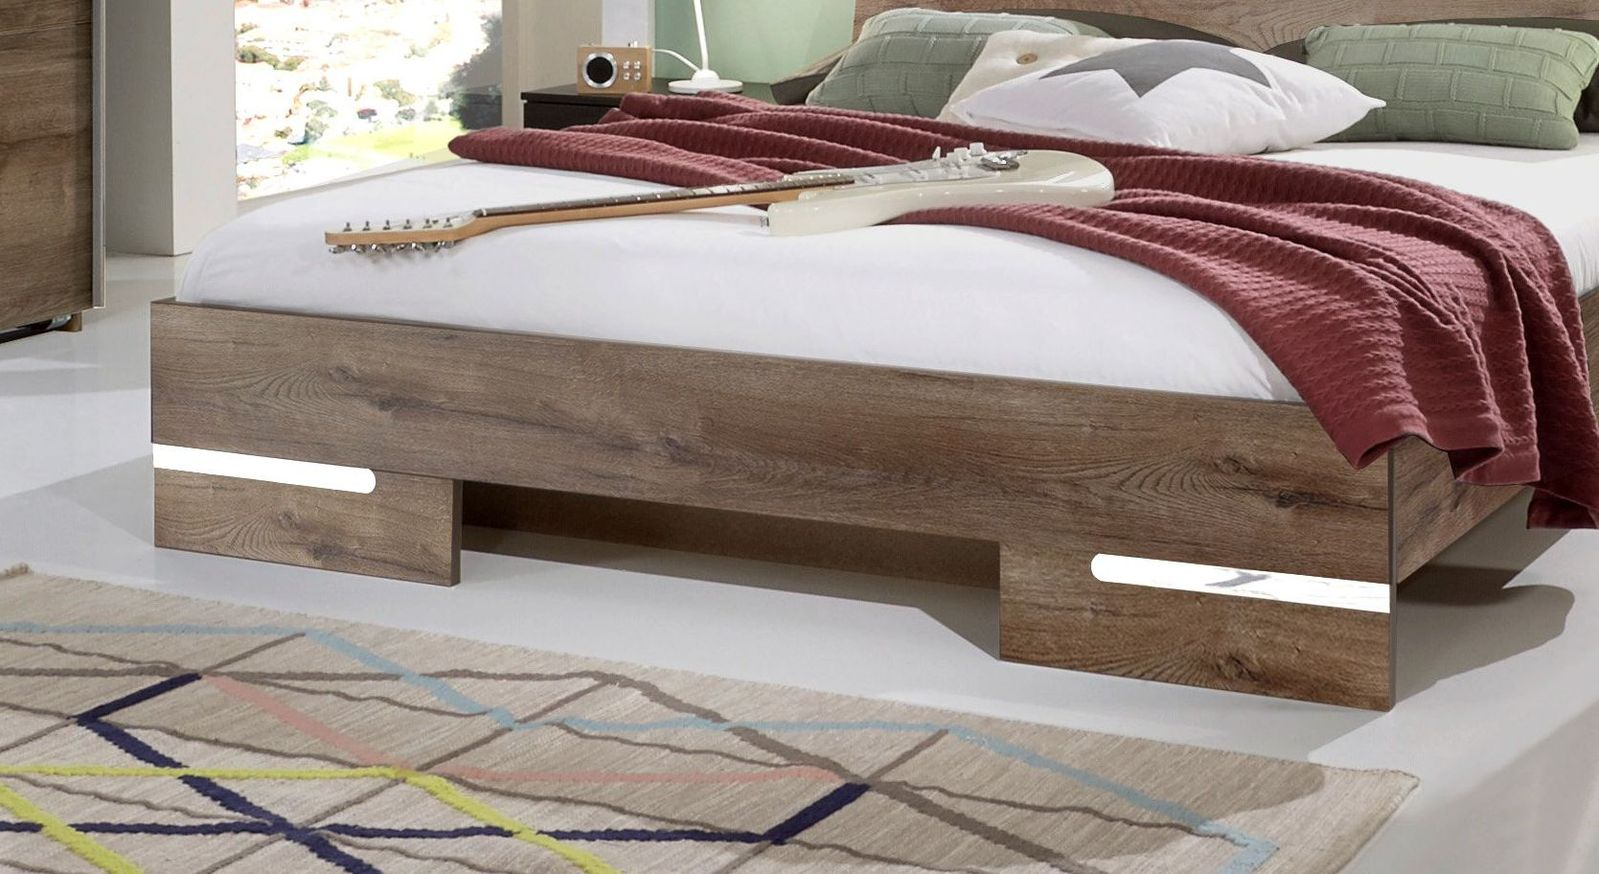 Bett Avello mit breiten Bettfüßen